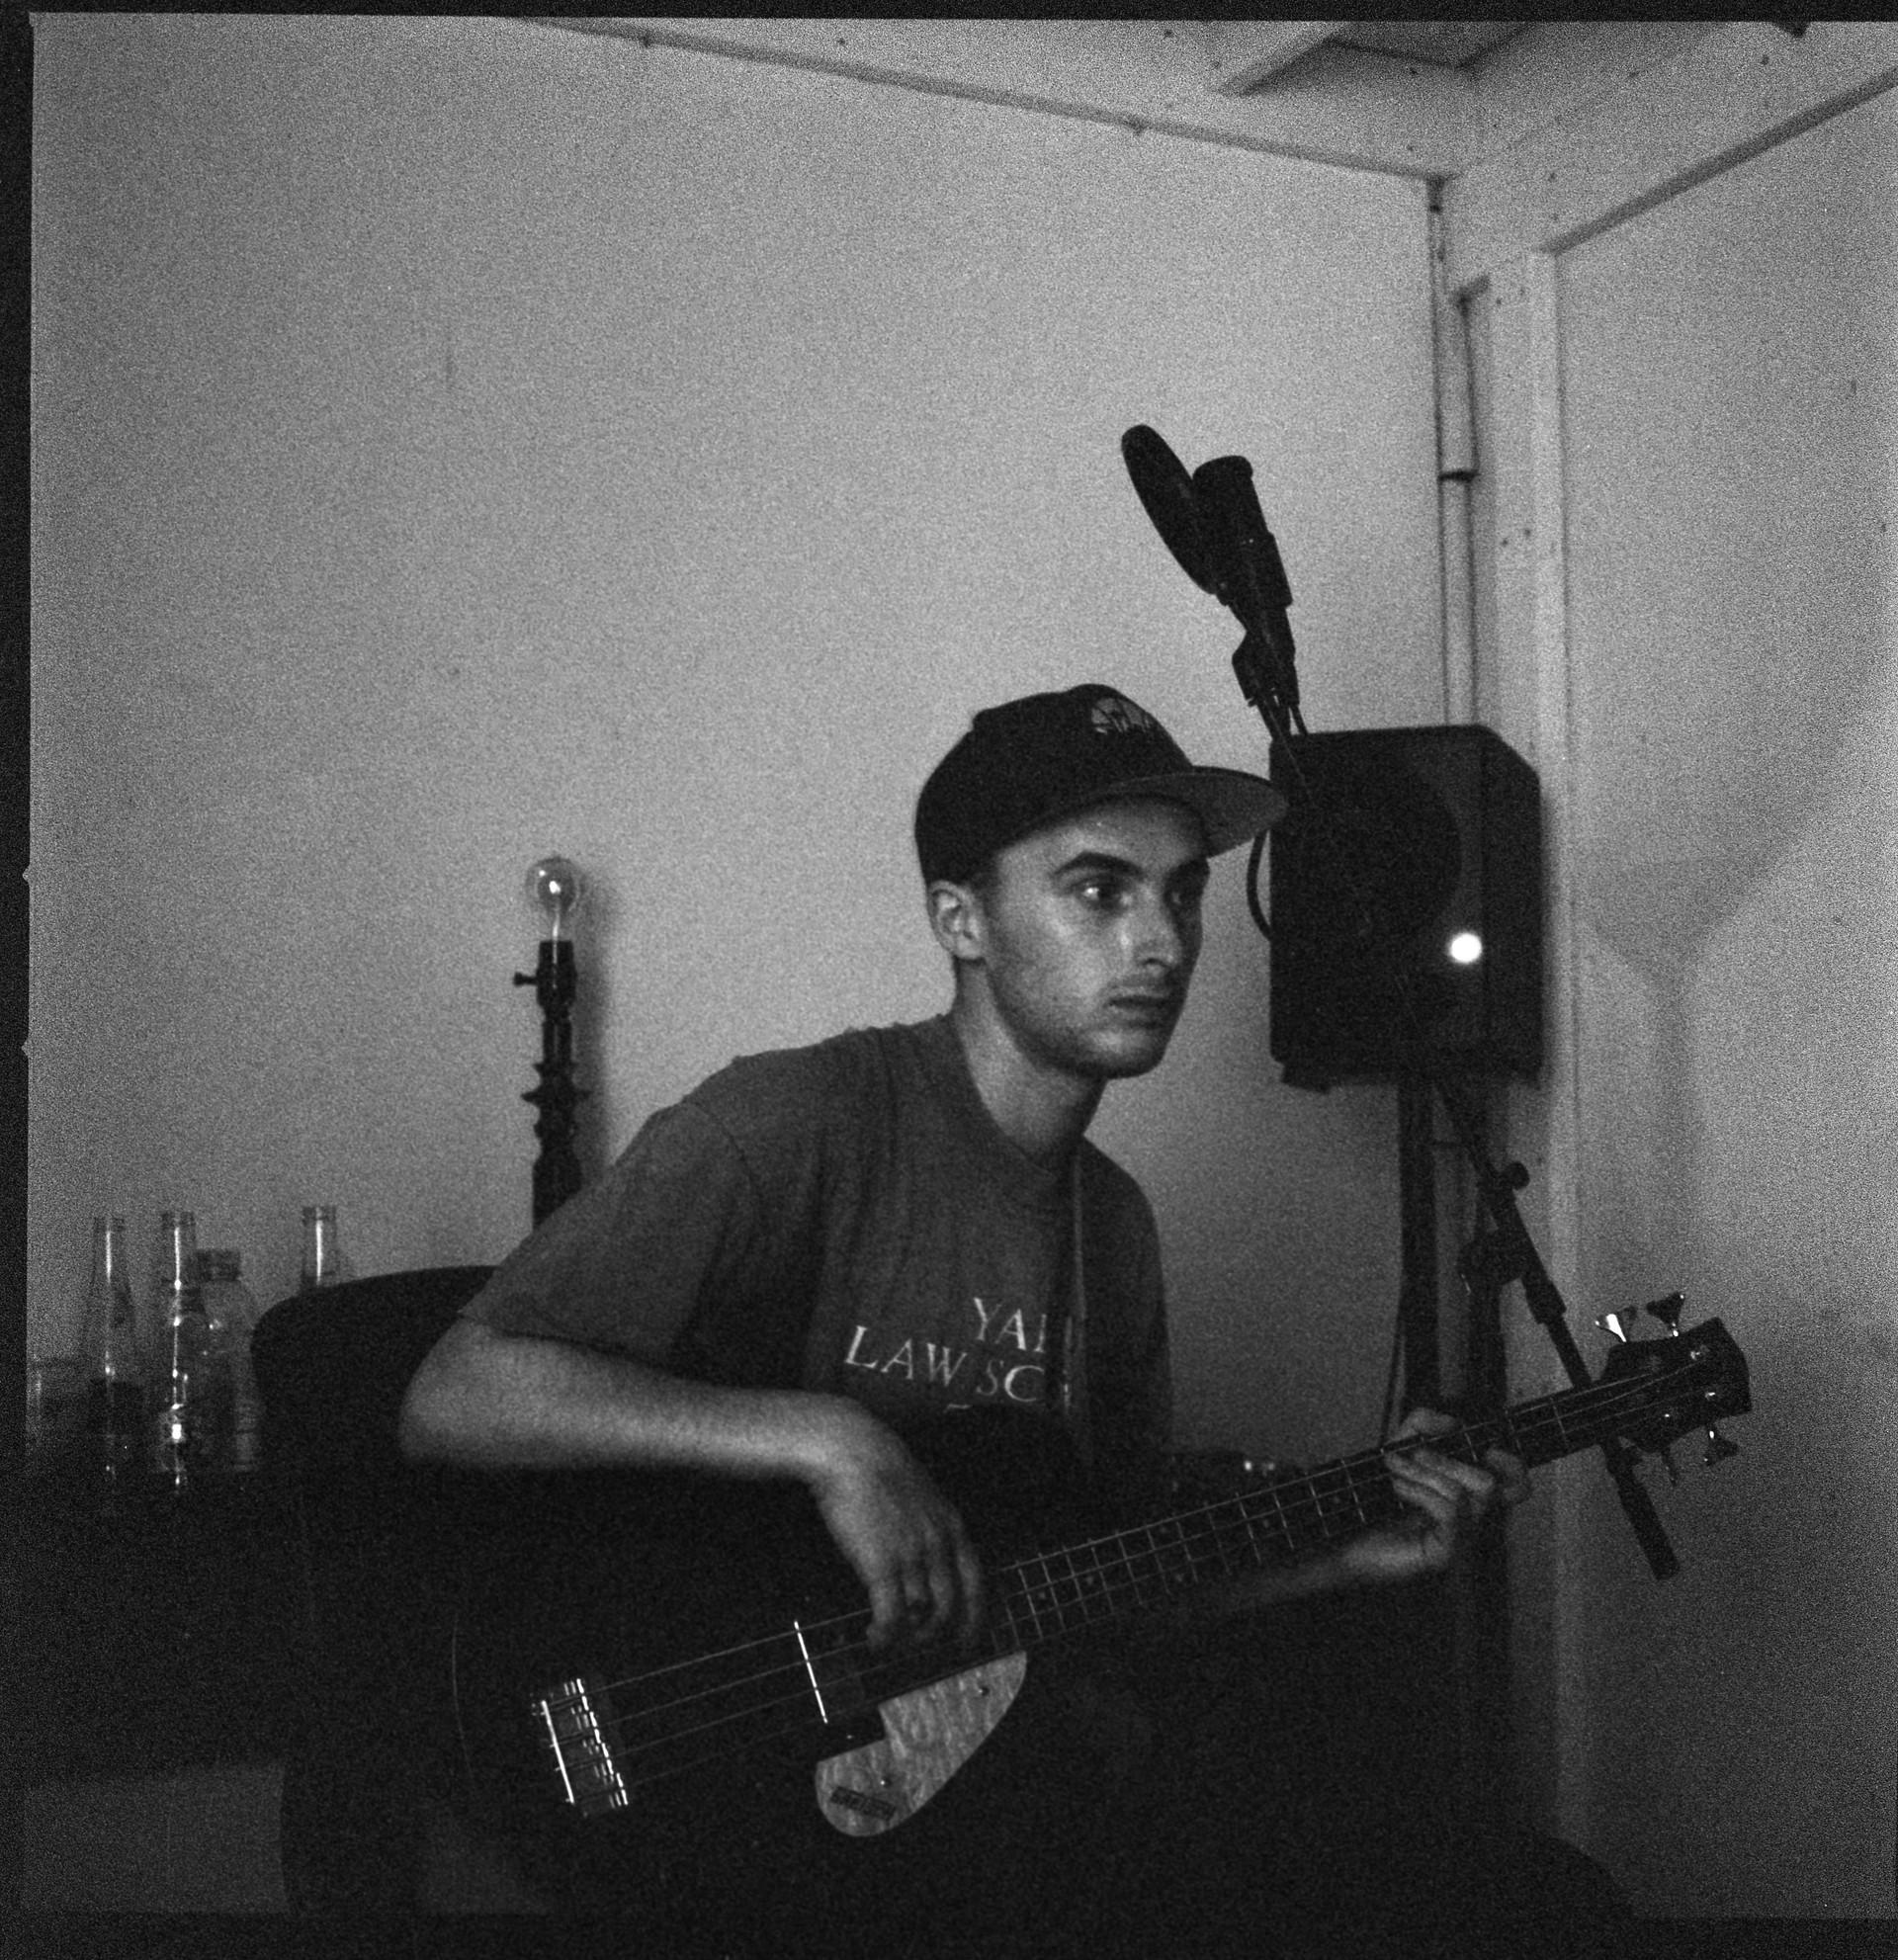 jaws, studio